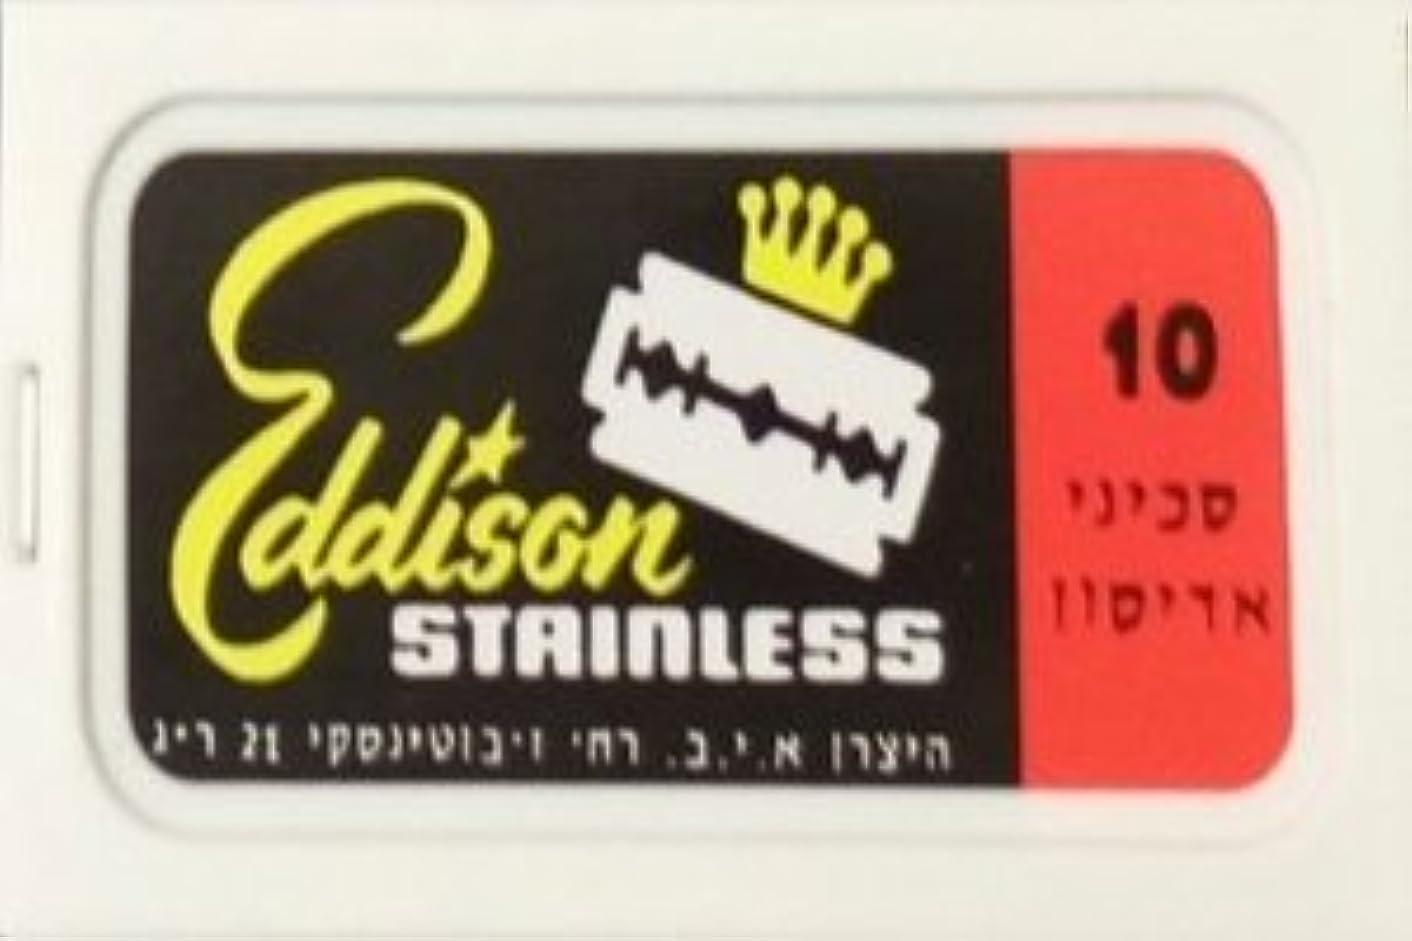 ダース開示する作業Personna Eddison Stainless 両刃替刃 10枚入り(10枚入り1 個セット)【並行輸入品】